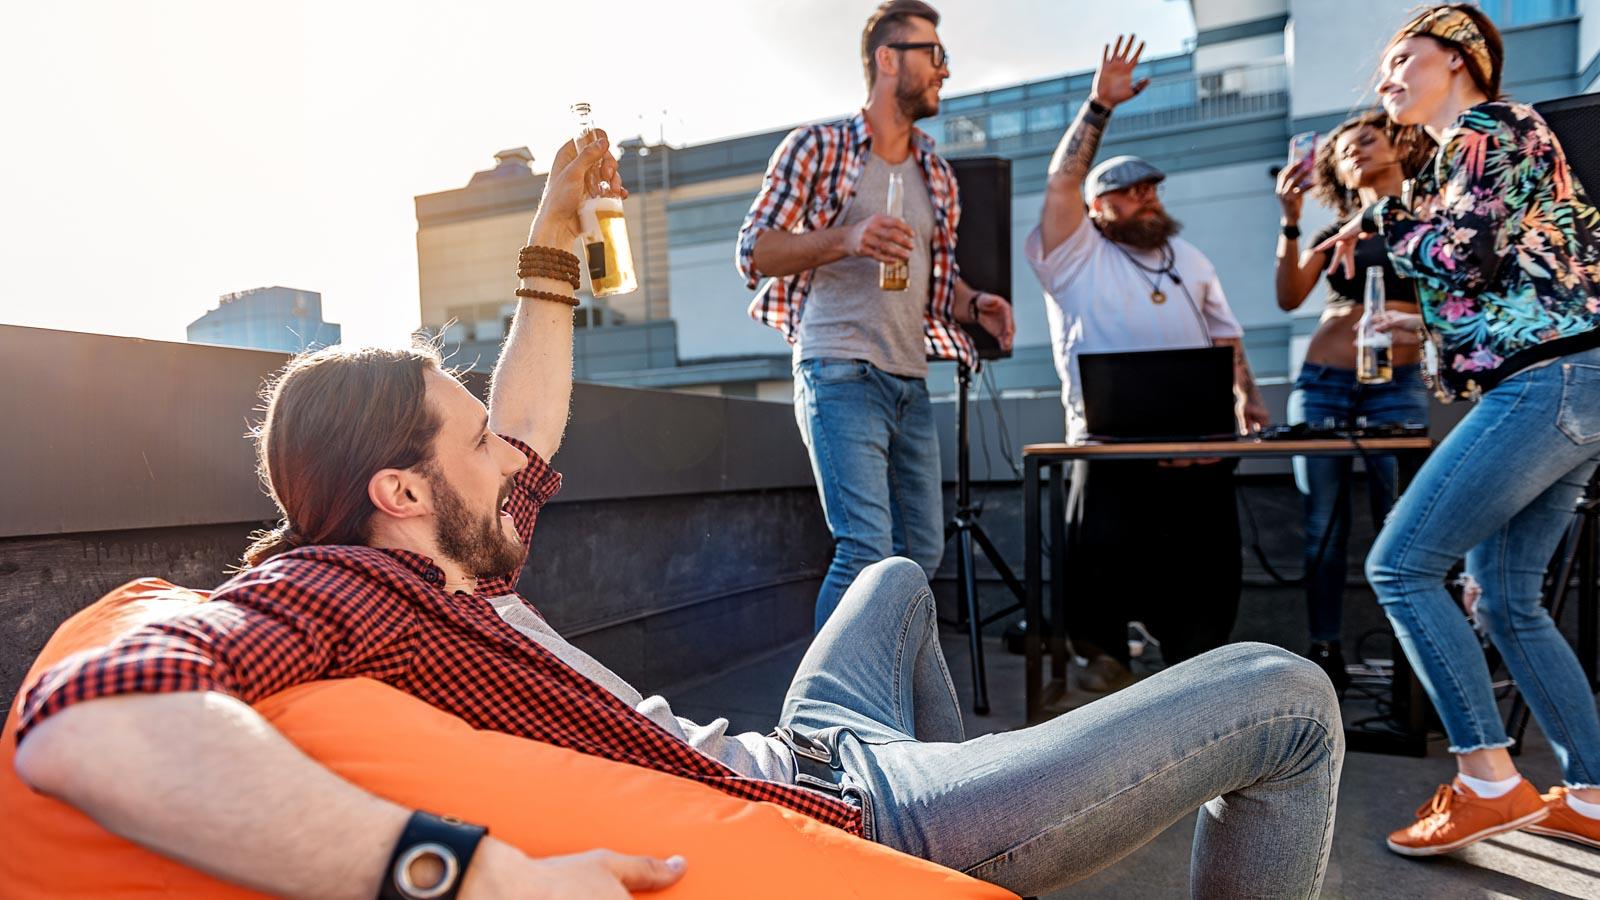 Gruppe junger Leute feiert mit Alkohol und Musik auf einem Balkon